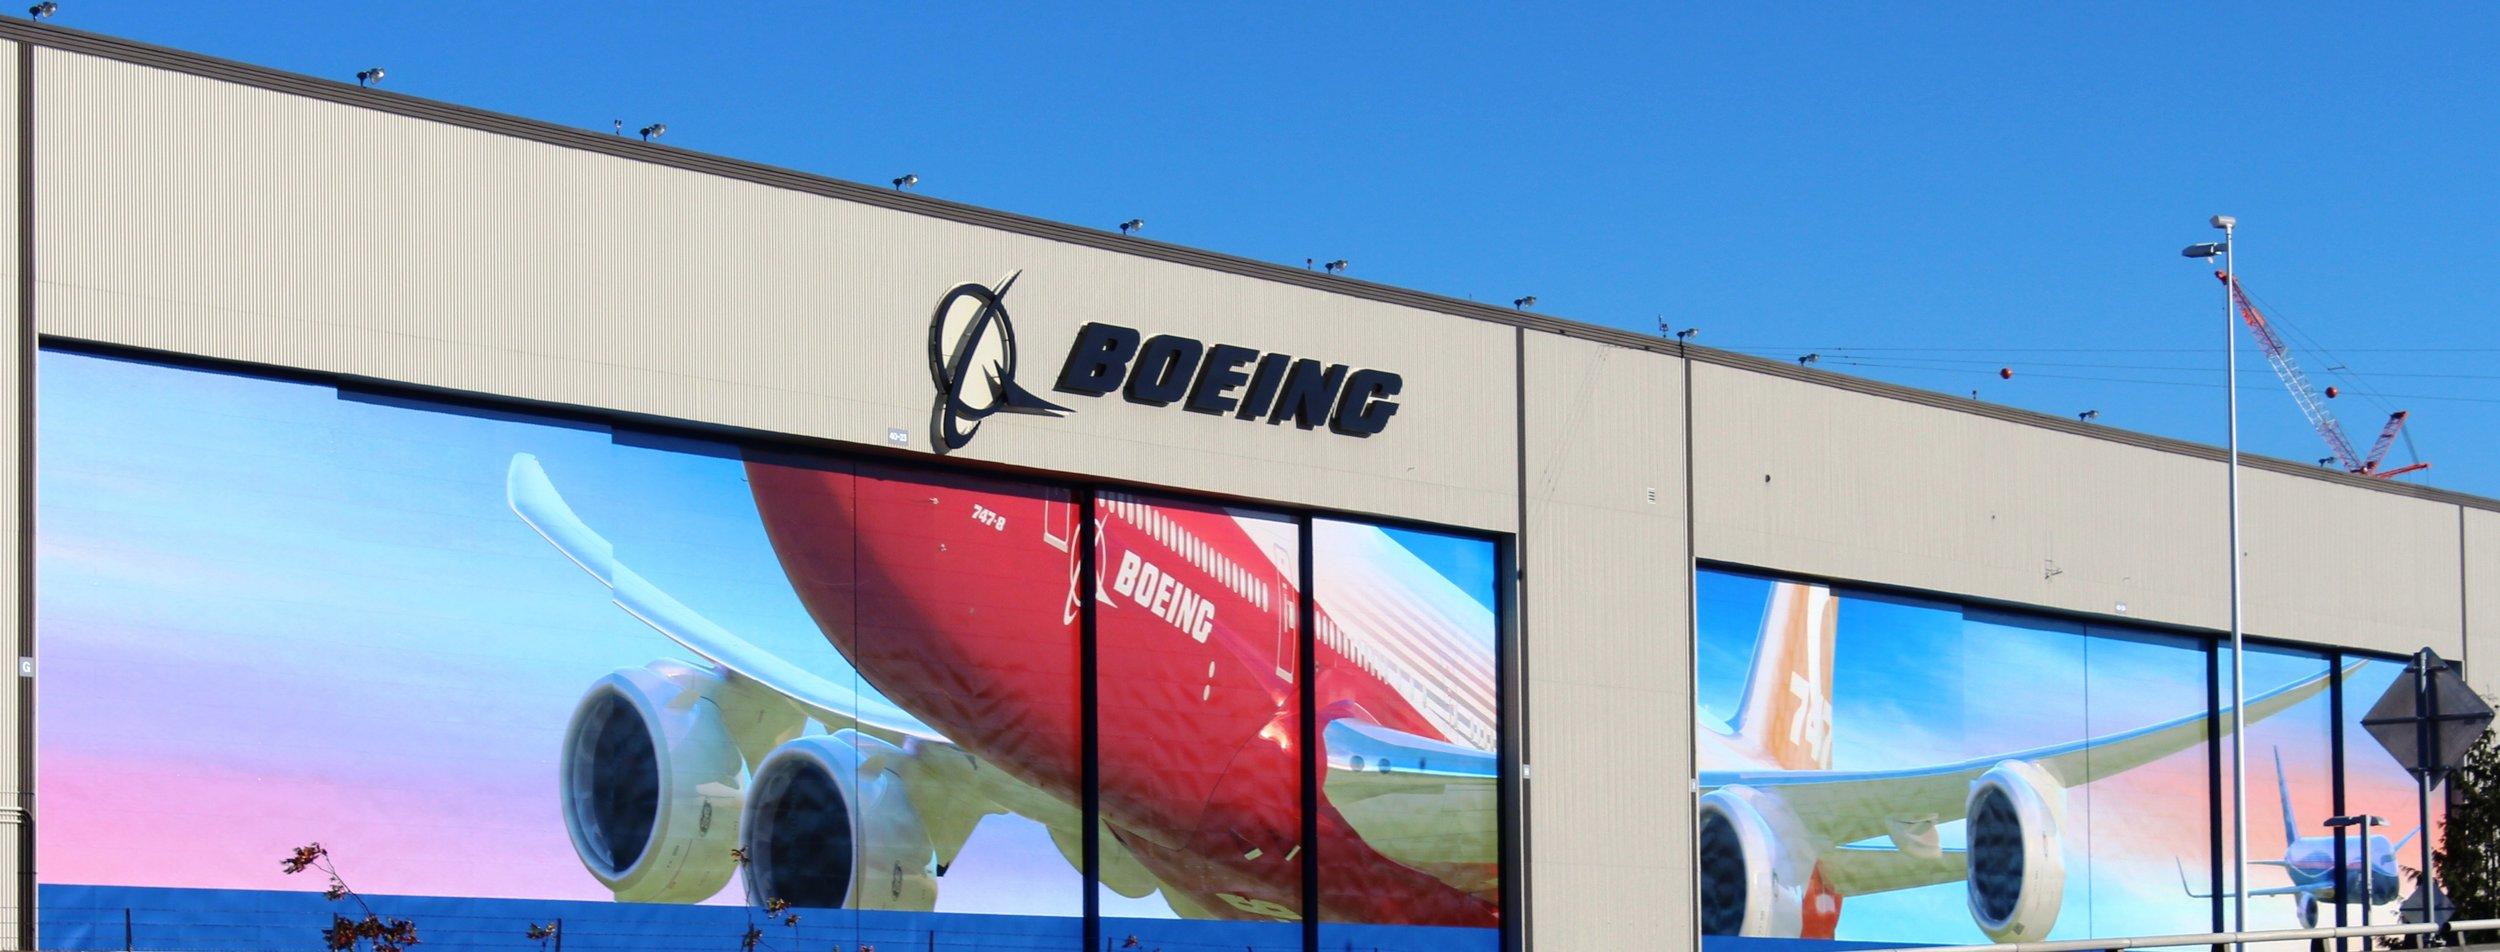 Boeing-Doors-4.jpg